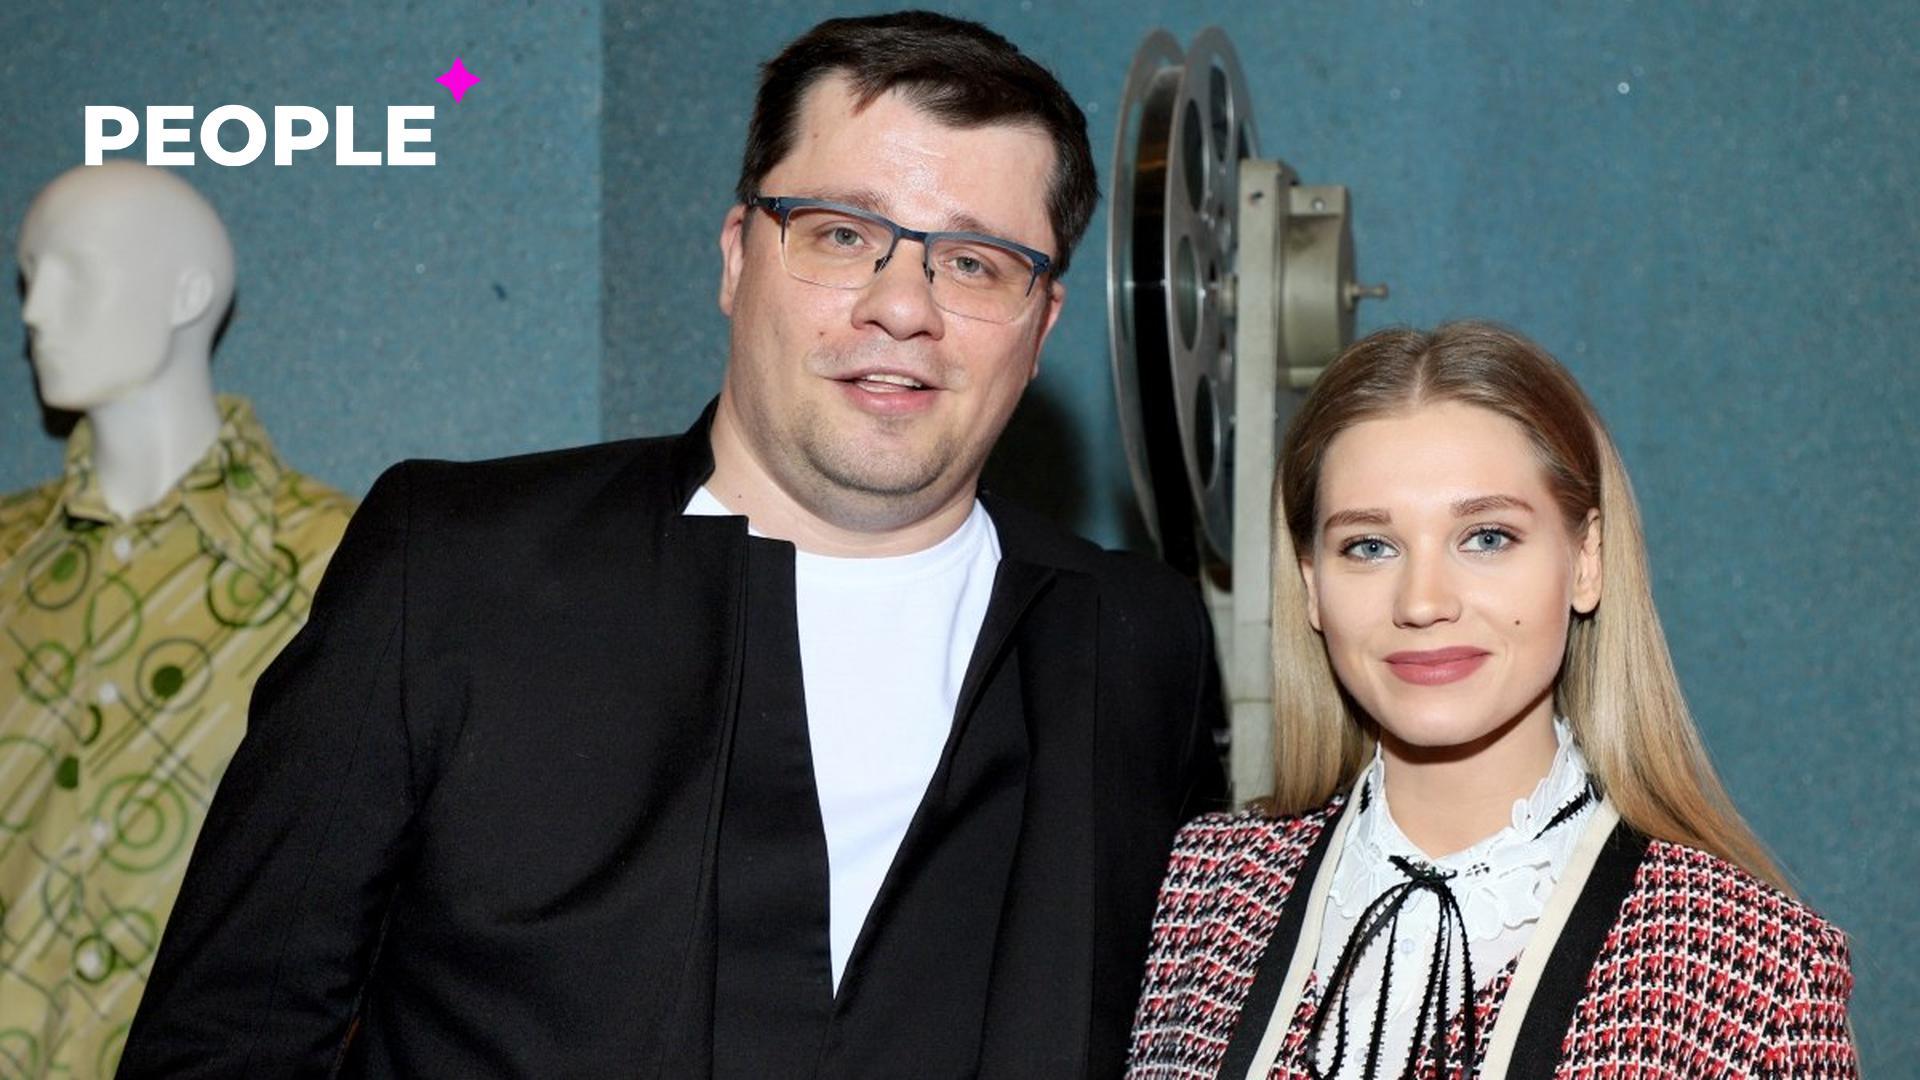 Кристина Асмус намекнула на новый роман после развода с Гариком Харламовым